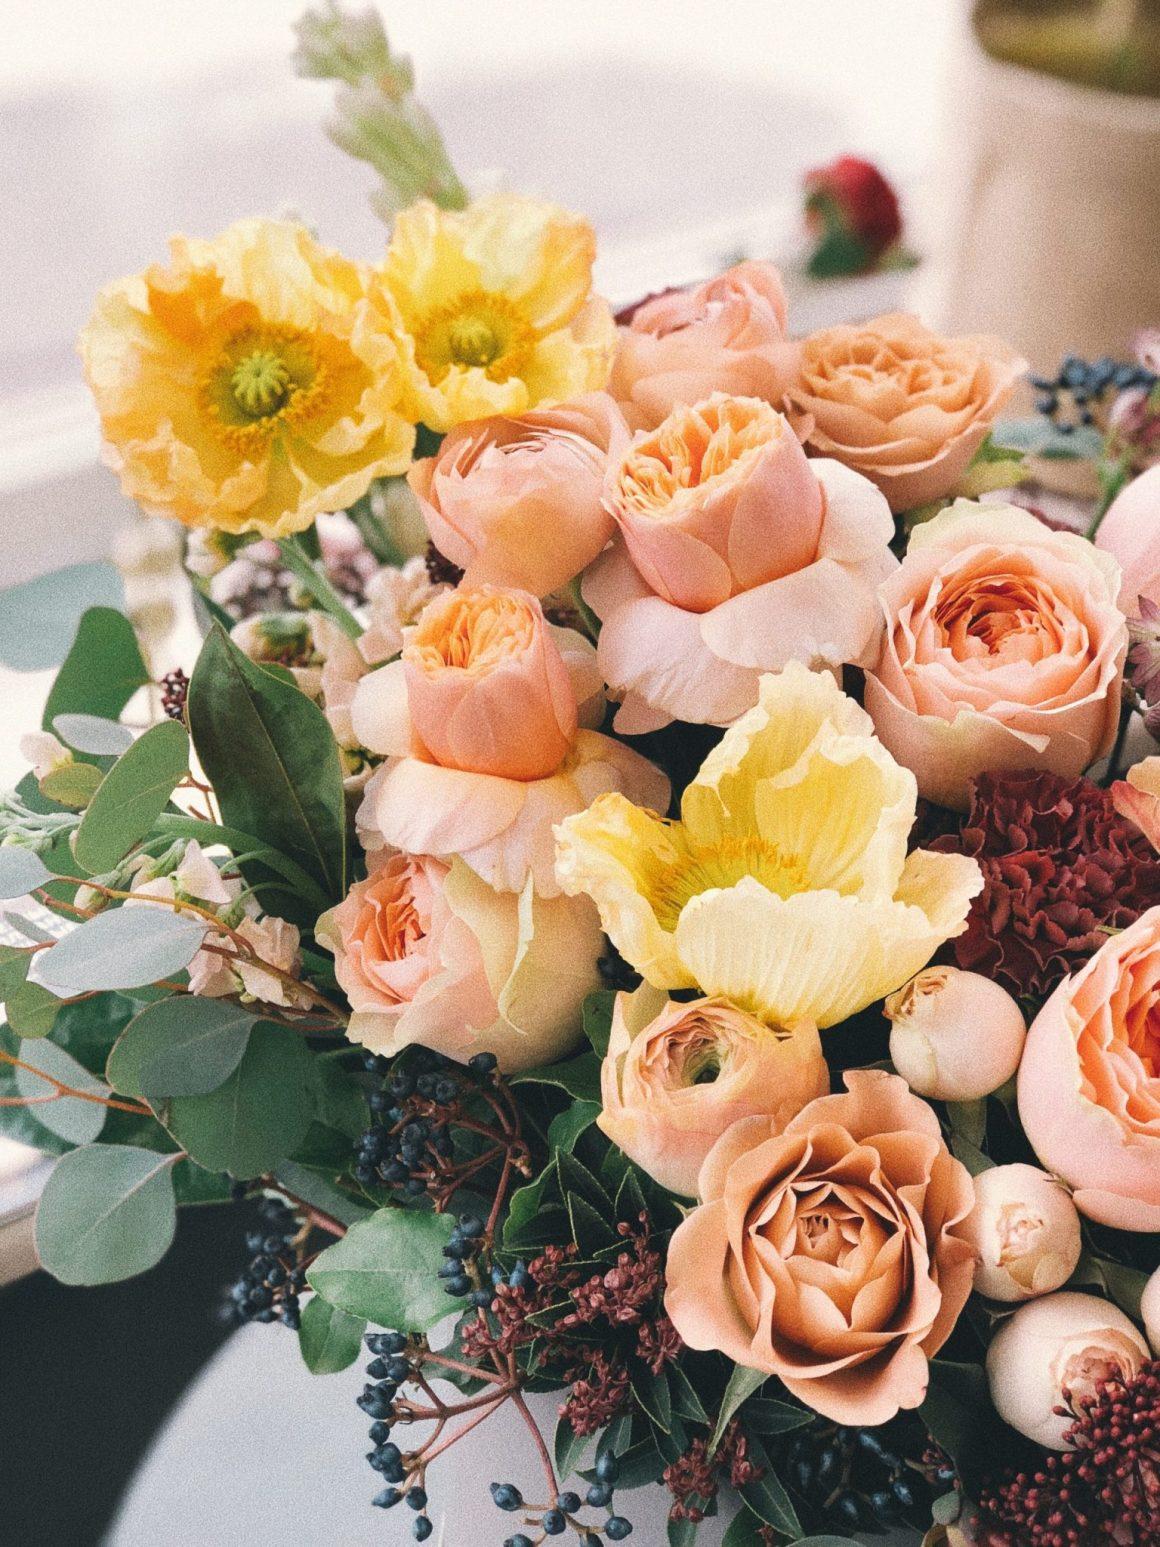 tendencias flores de papel 2021, tendencias ramos de novia 2021, paletas de colores para flores, bodas y eventos 2021